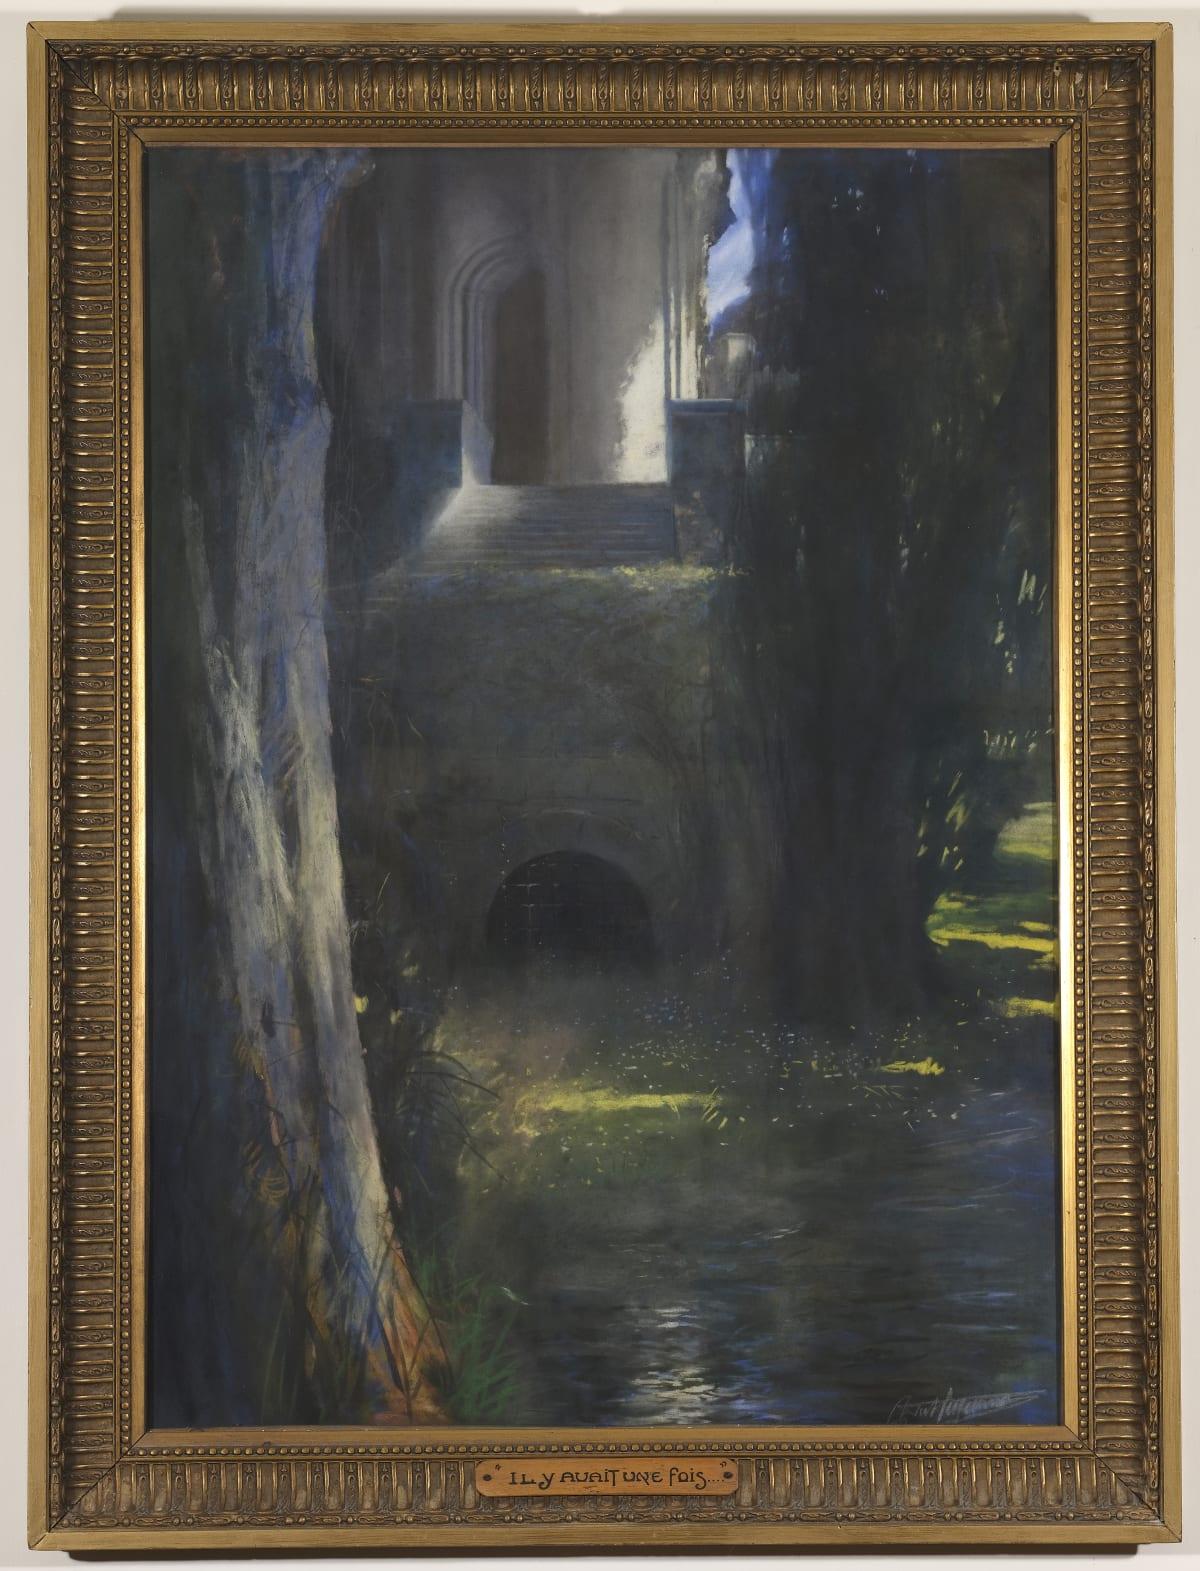 Antoine Charles Cazanave Il y avait une fois, 1923 Pastel 121 x 91 cm avec son cadre Signé et daté en bas à droite